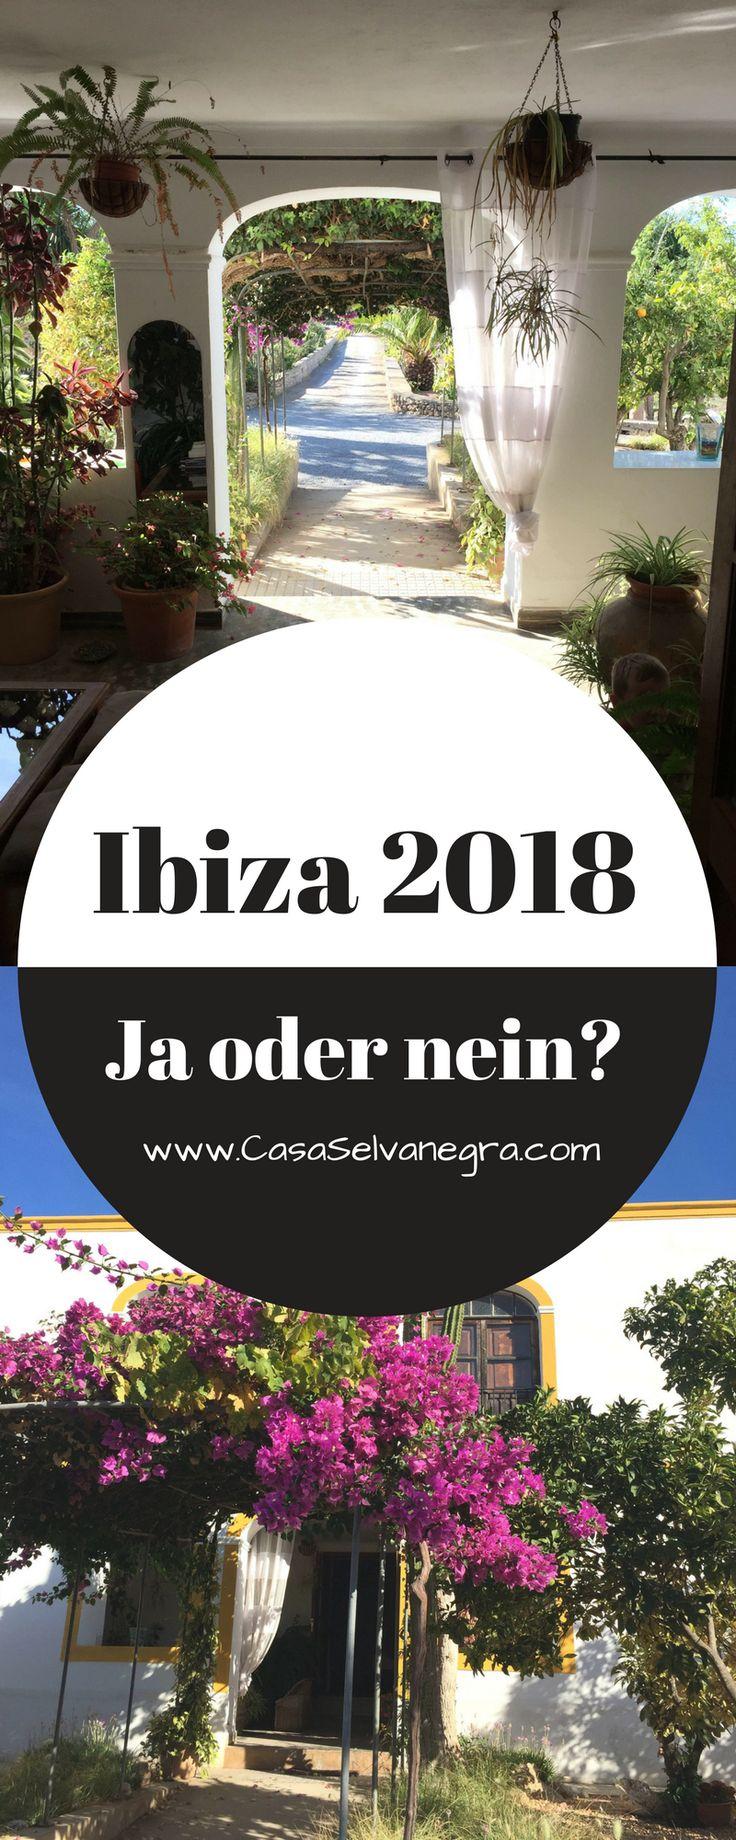 Ibiza in 2018 - ja oder nein